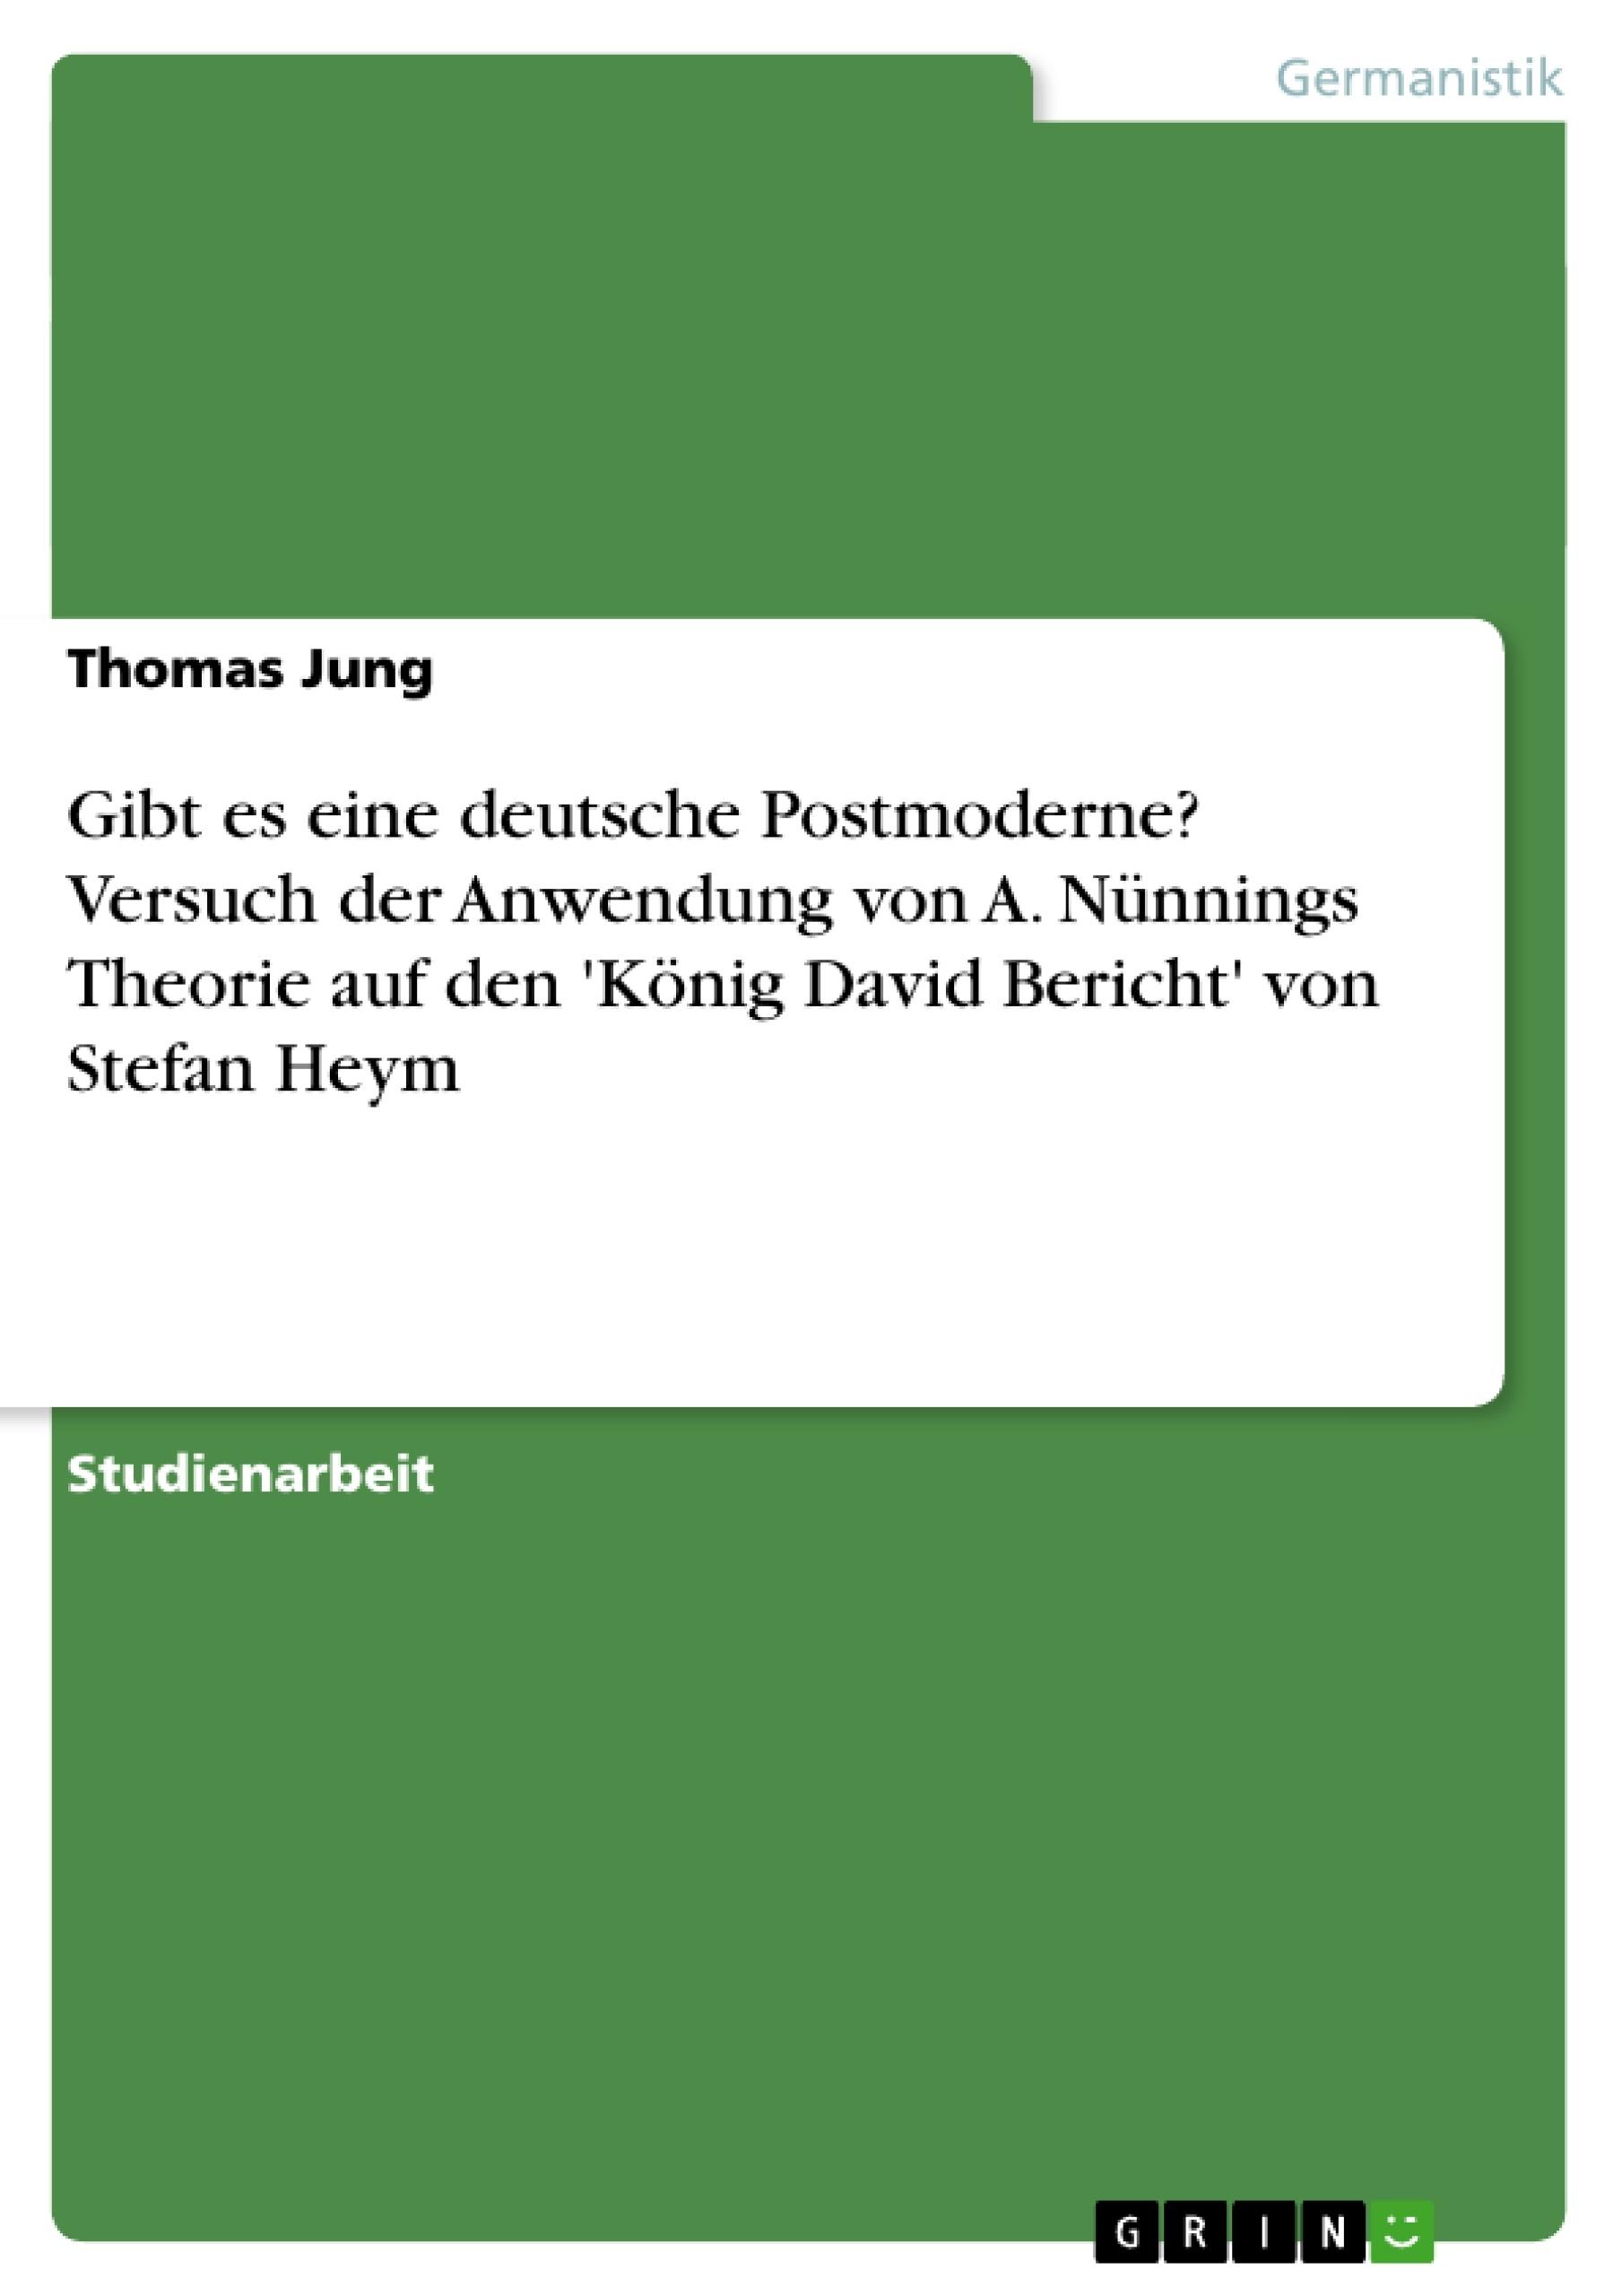 Titel: Gibt es eine deutsche Postmoderne? Versuch der Anwendung von A. Nünnings Theorie auf den 'König David Bericht' von Stefan Heym